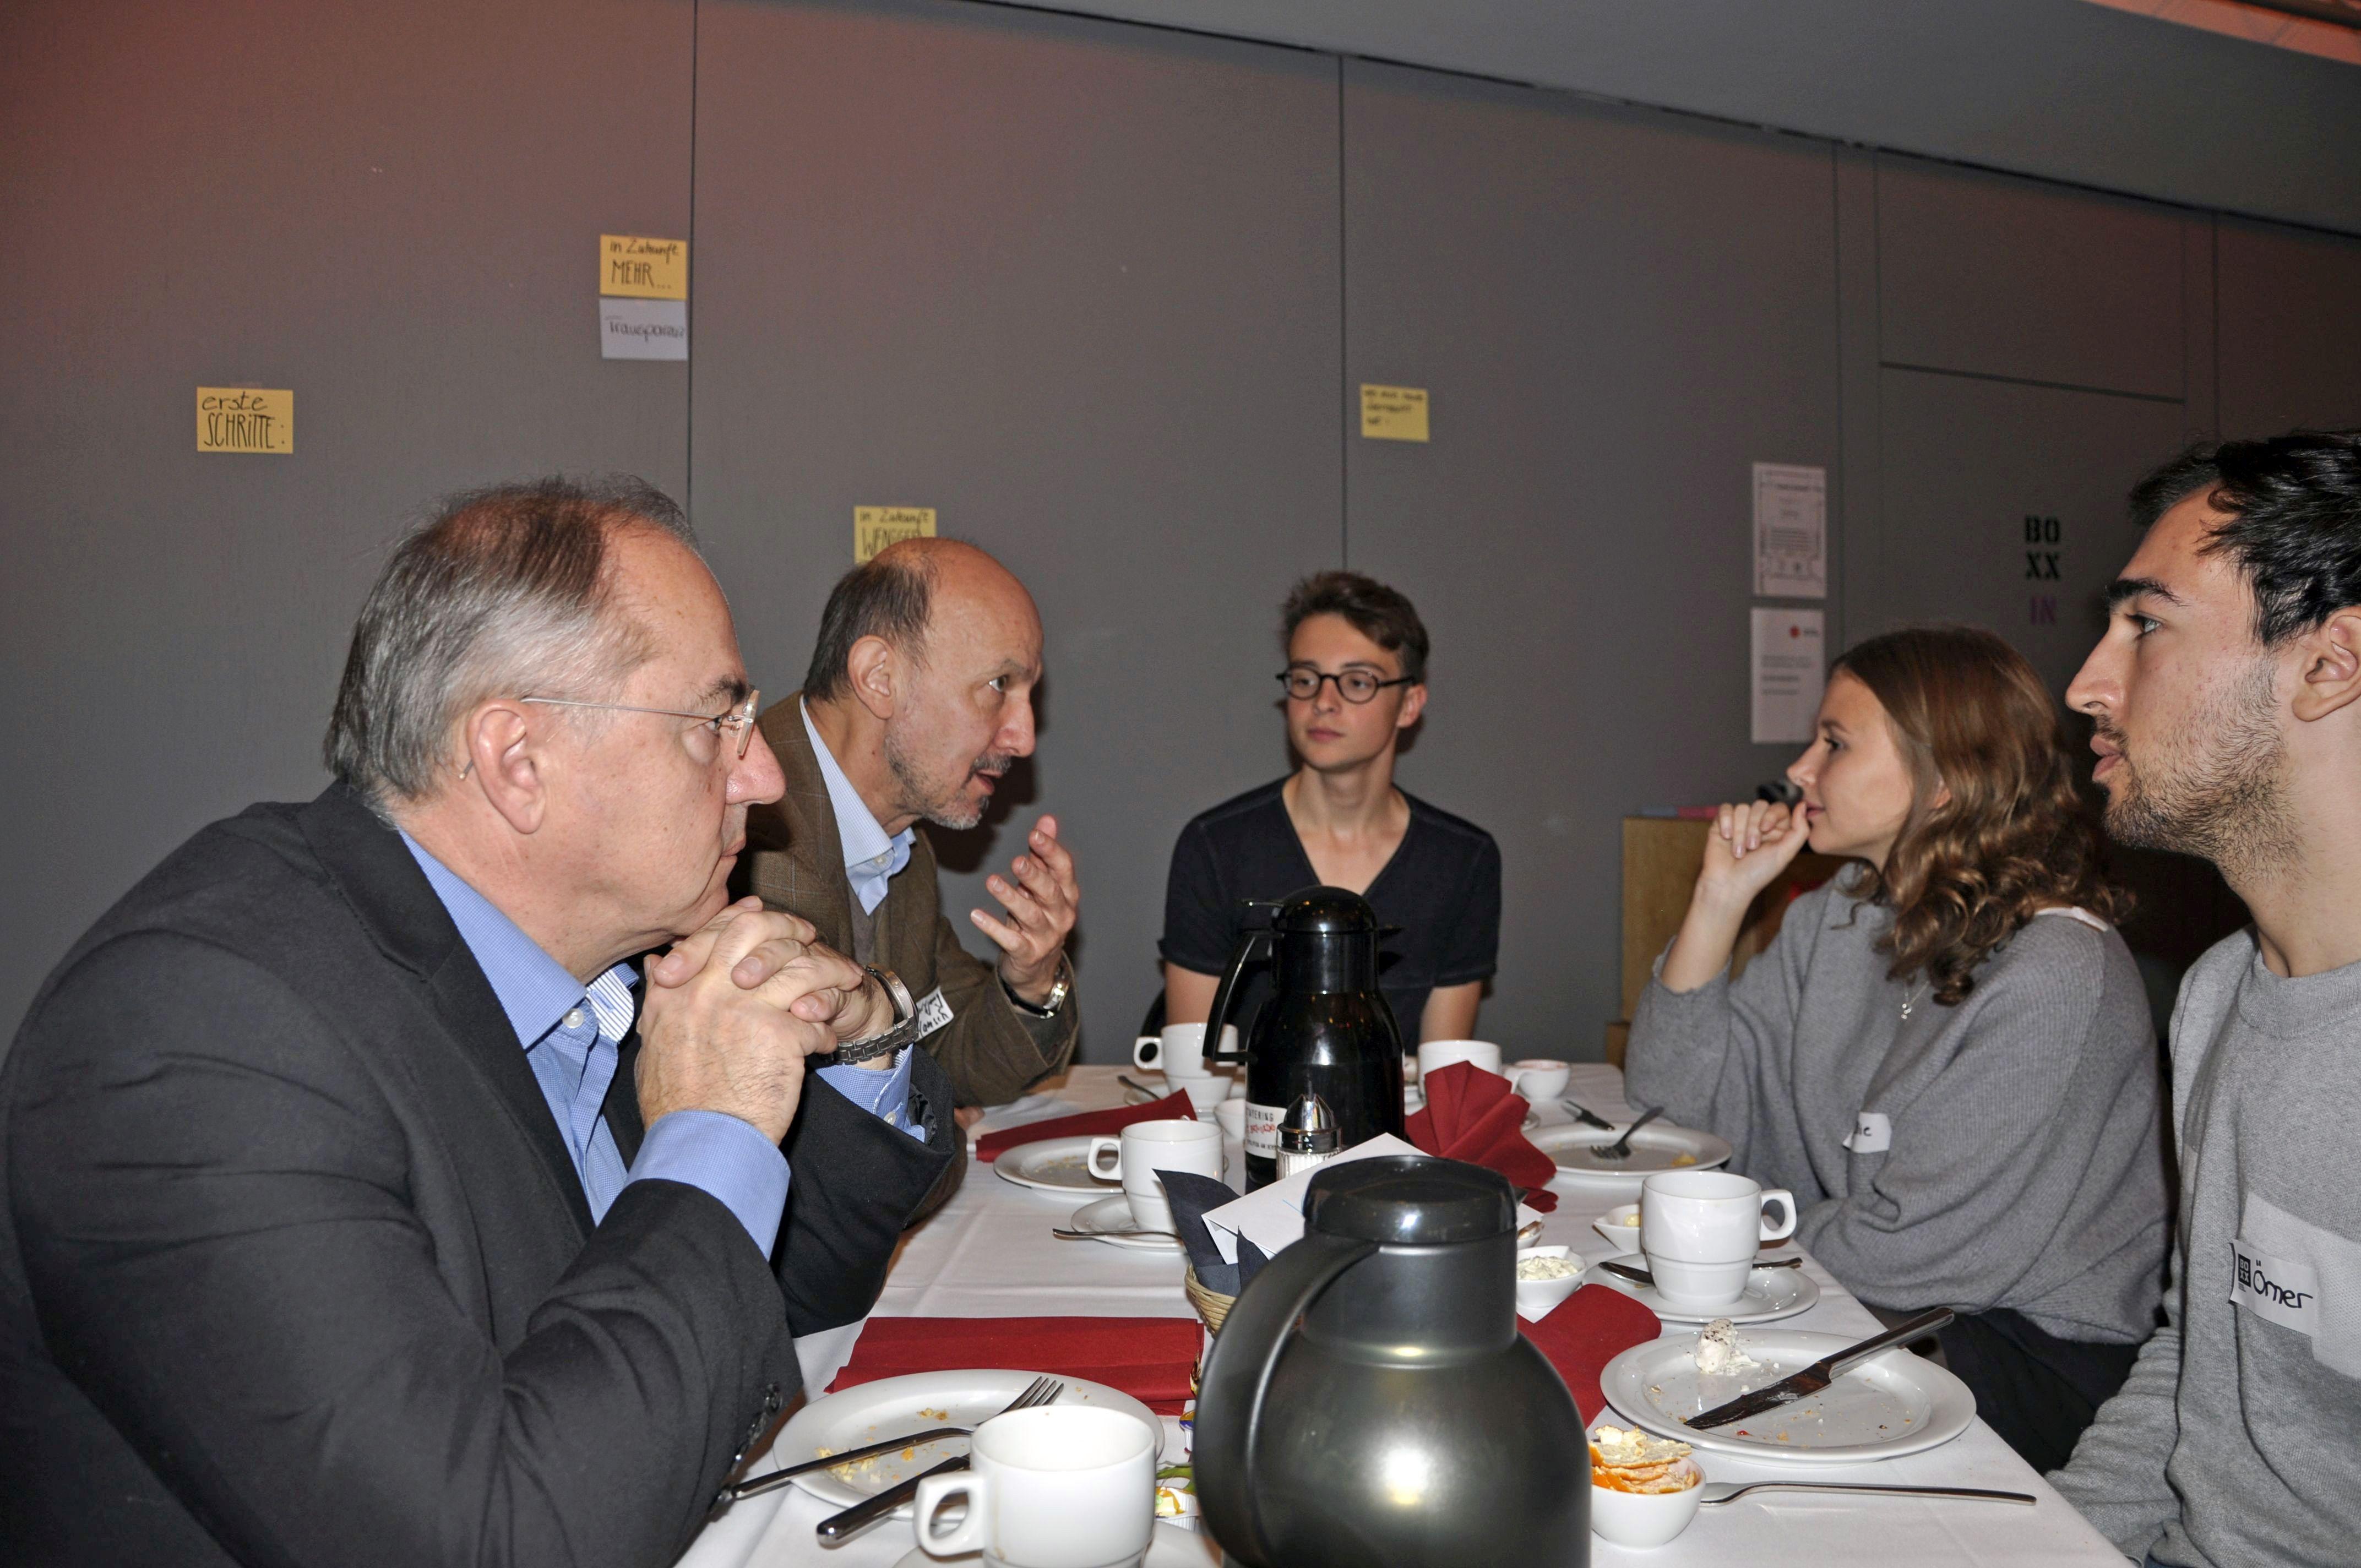 Josip Juratovic (Mitglied des Bundestages) und Dr. Wolfgang Hansch (experimenta) im Gespräch